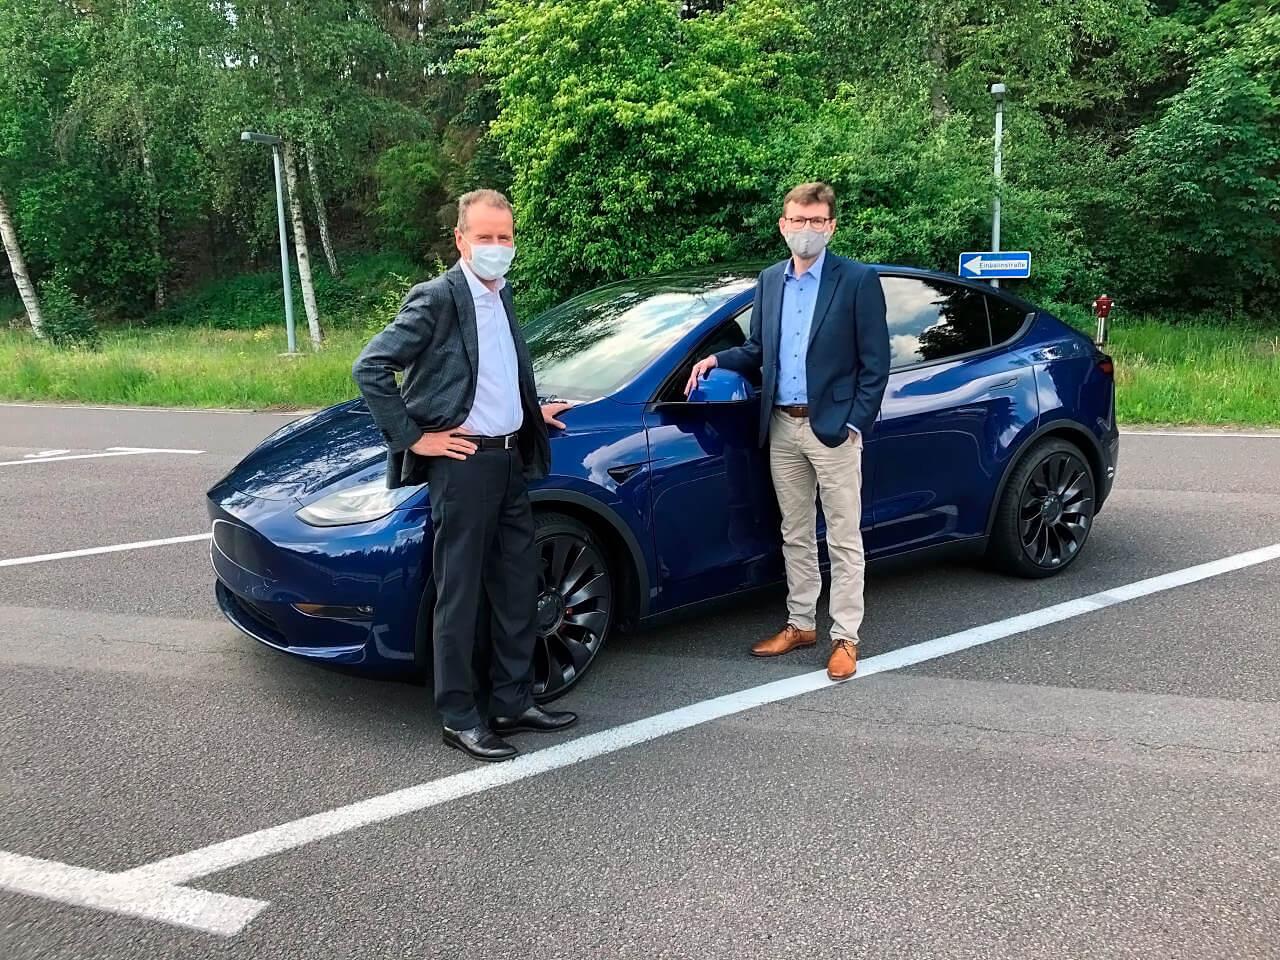 Глава Volkswagen протестировал Tesla Model Y после визита Маска в Германию